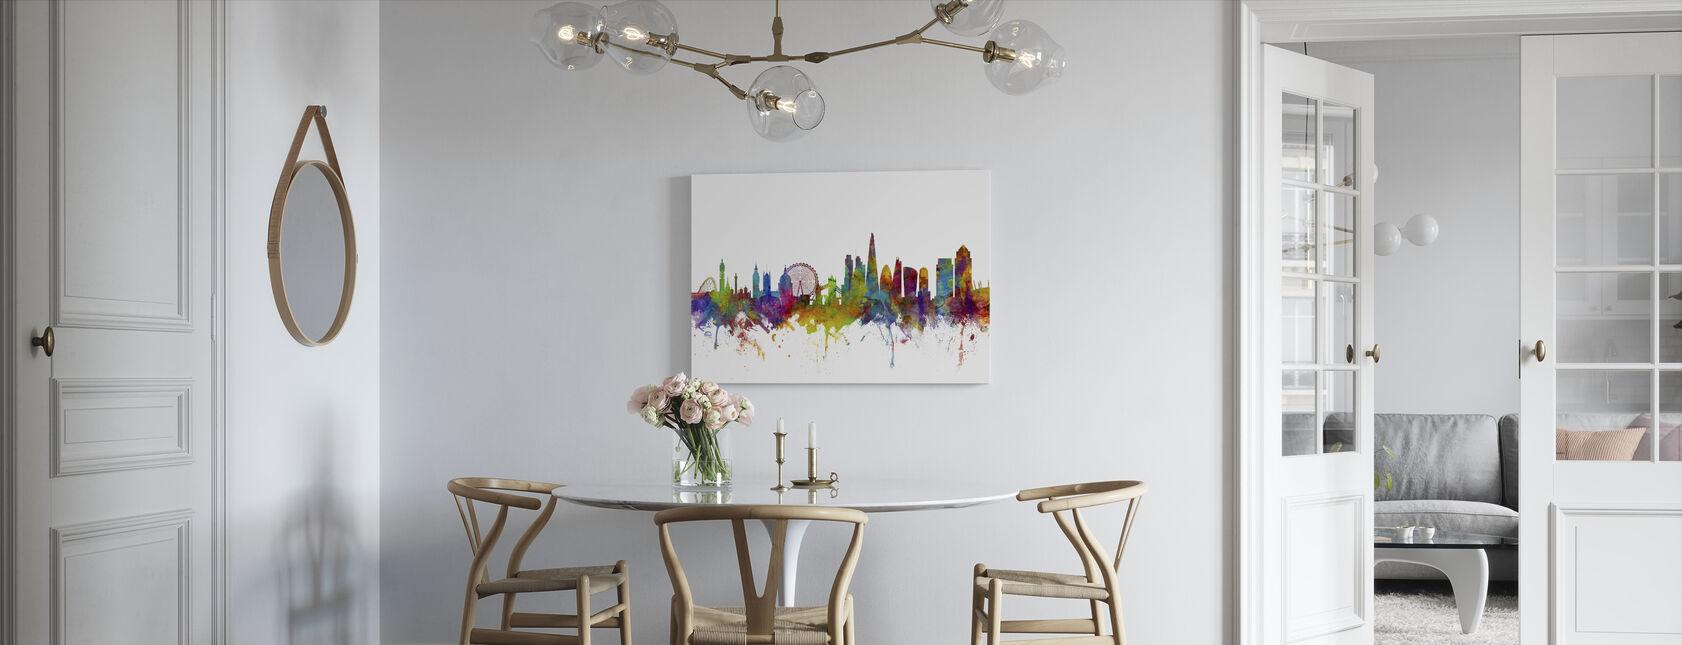 London Canary Wharf skyline - Canvas print - Keuken